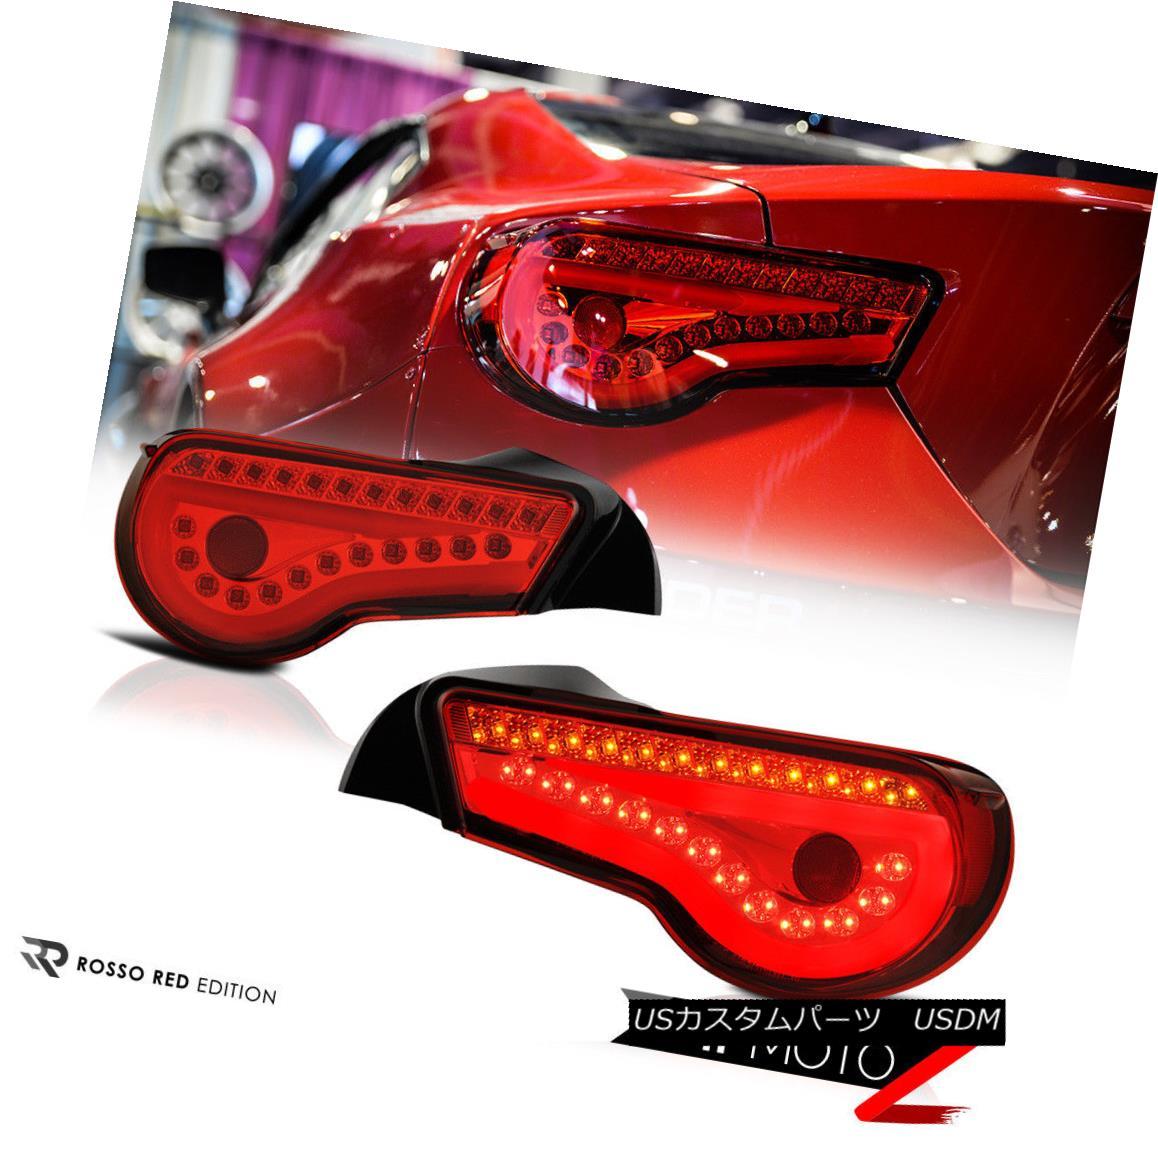 テールライト RED/CLEAR Sequential LED Turn Signal Lamp L+R Brake Tail Light 2013-2016 FRS/BRZ RED / CLEARシーケンシャルLEDターンシグナルランプL + Rブレーキテールライト2013-2016 FRS / BRZ